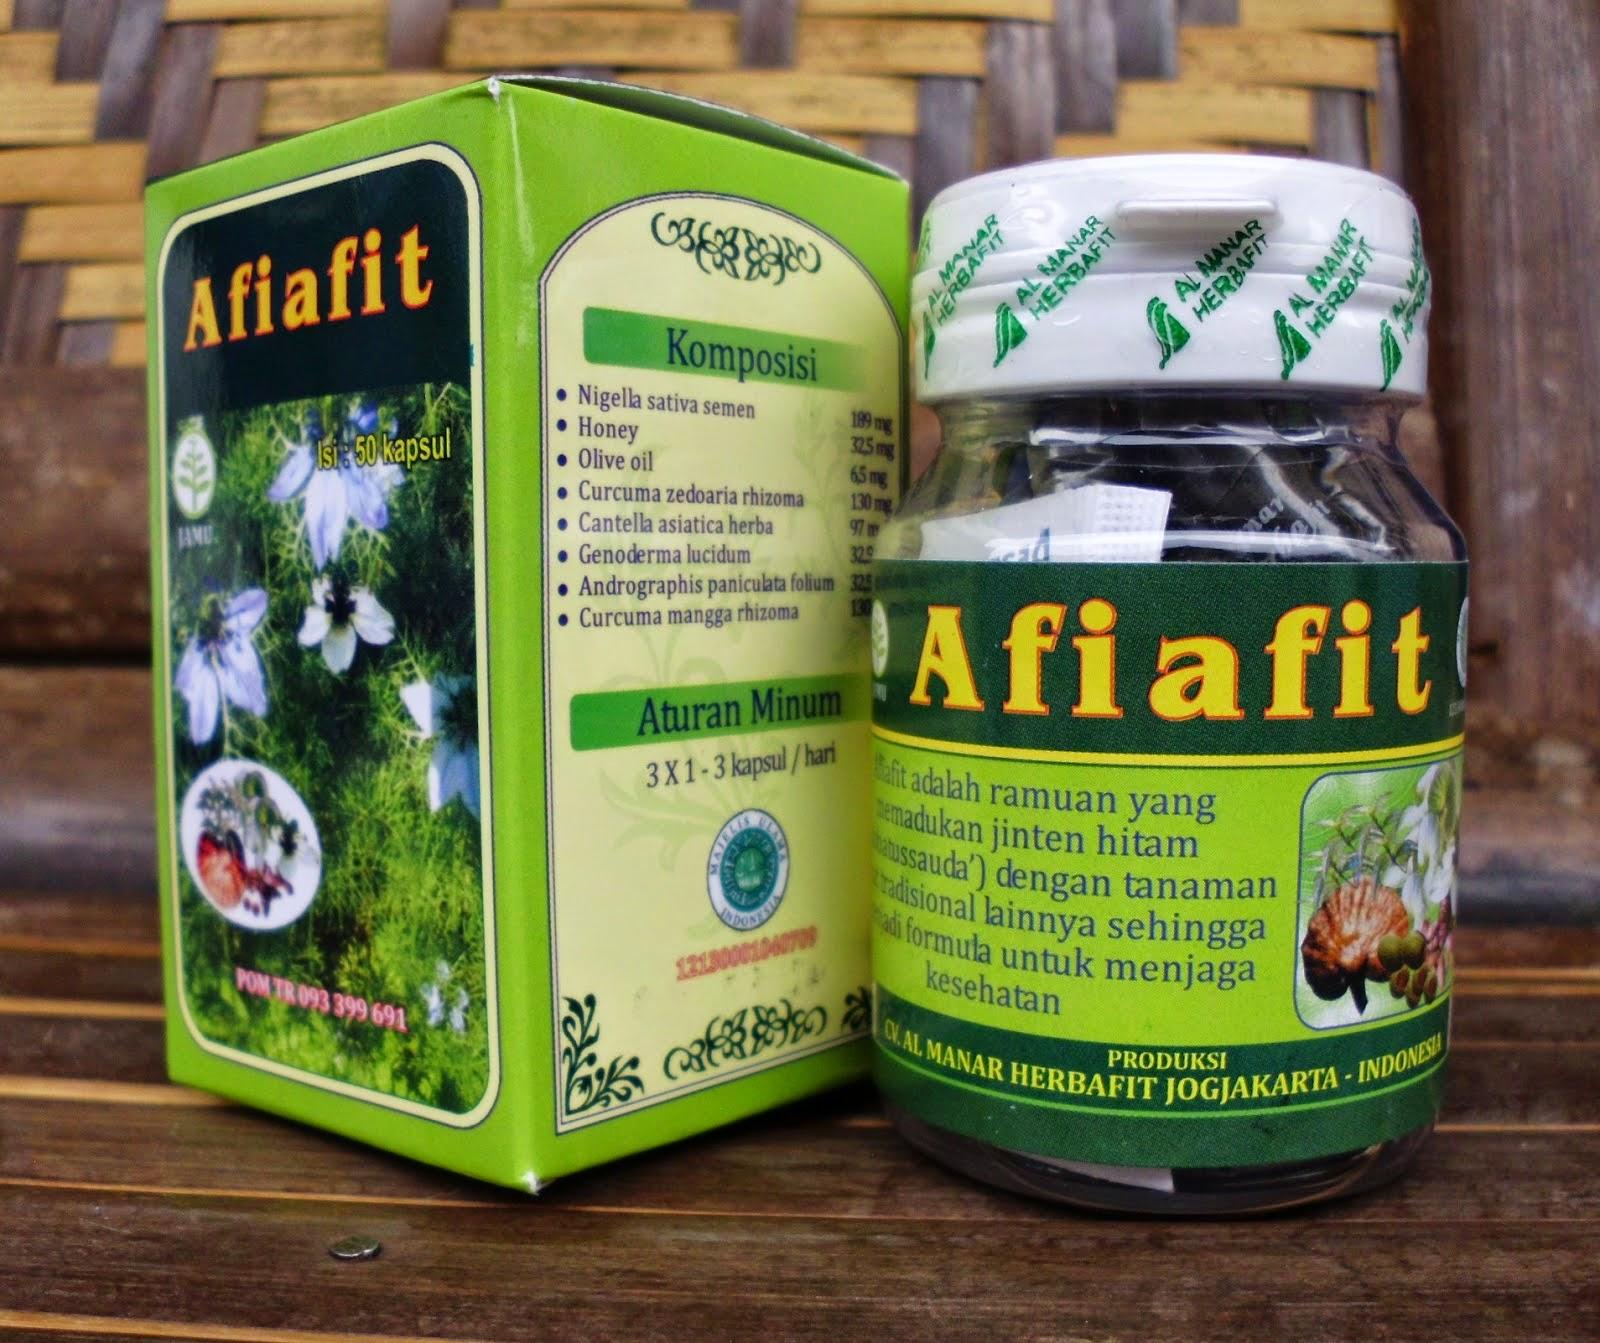 afiafit hijau, herbal afiafit hijau, grosir afiafit hijau, manfaat afiafit hijau, khasiat afiafit hijau, kasimura herbal, toko herbal kasimura